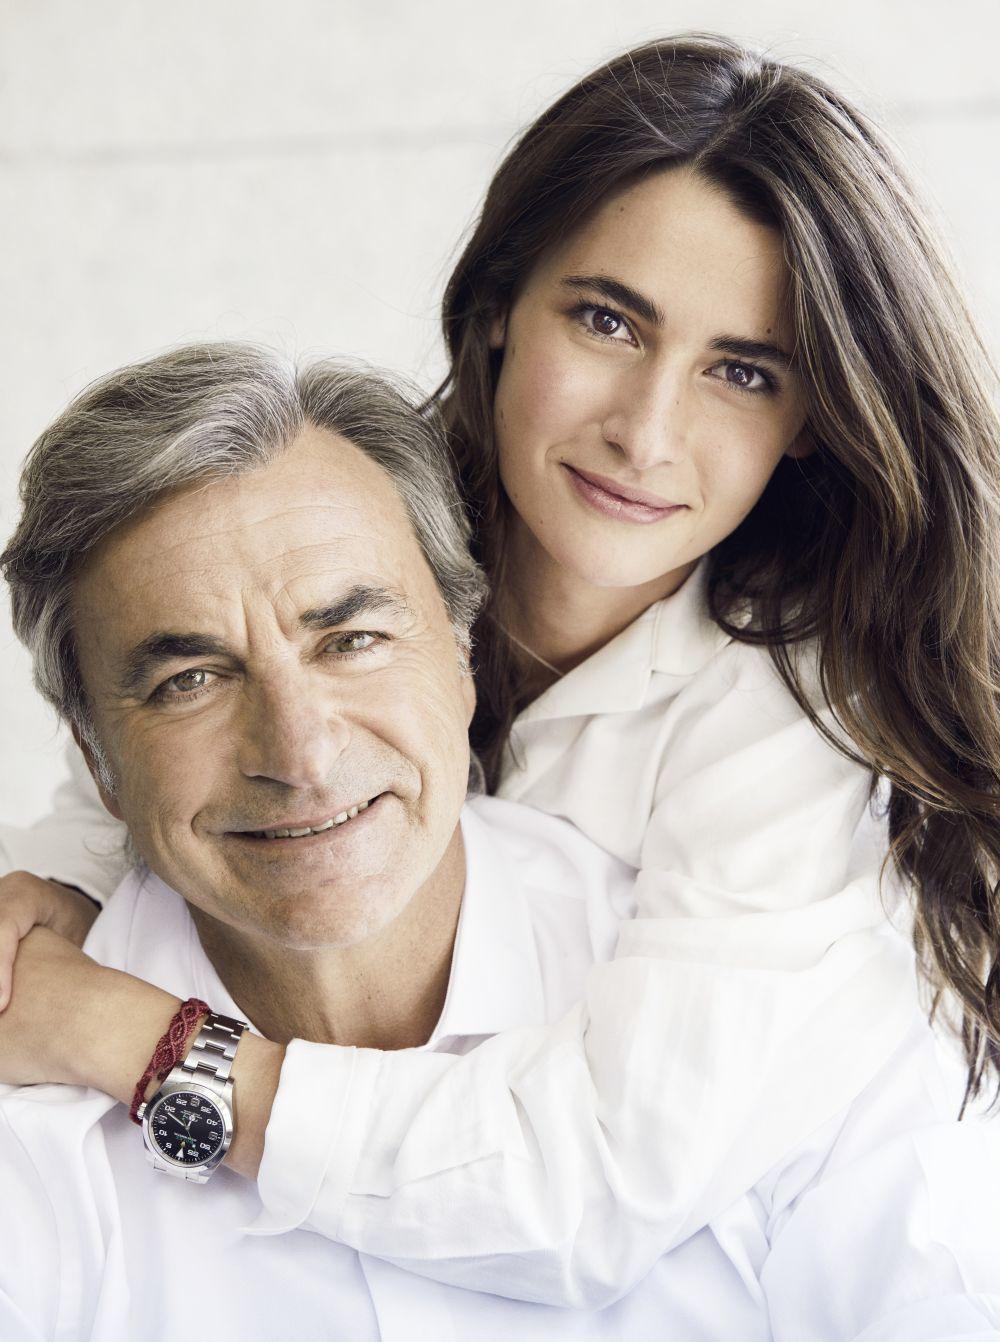 Carlos con su hija Ana, con vestido blanco, Zara.